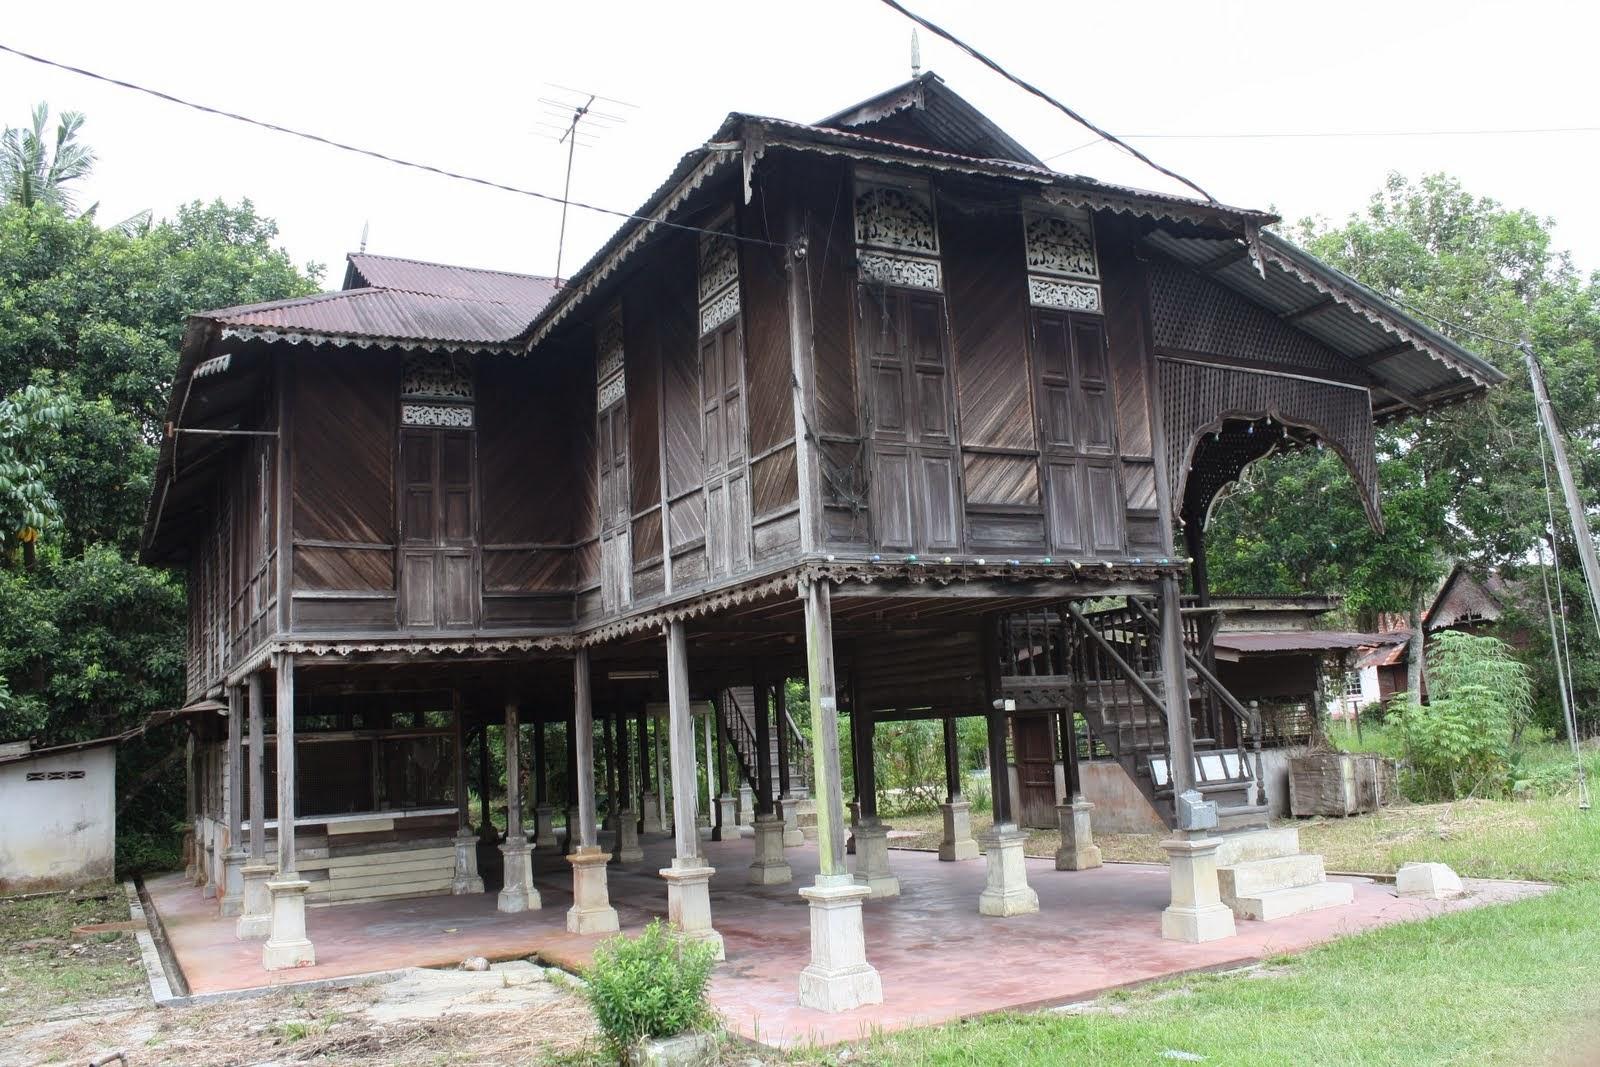 Unique dwelling places rumah melayu treasury notes for Unique dwellings